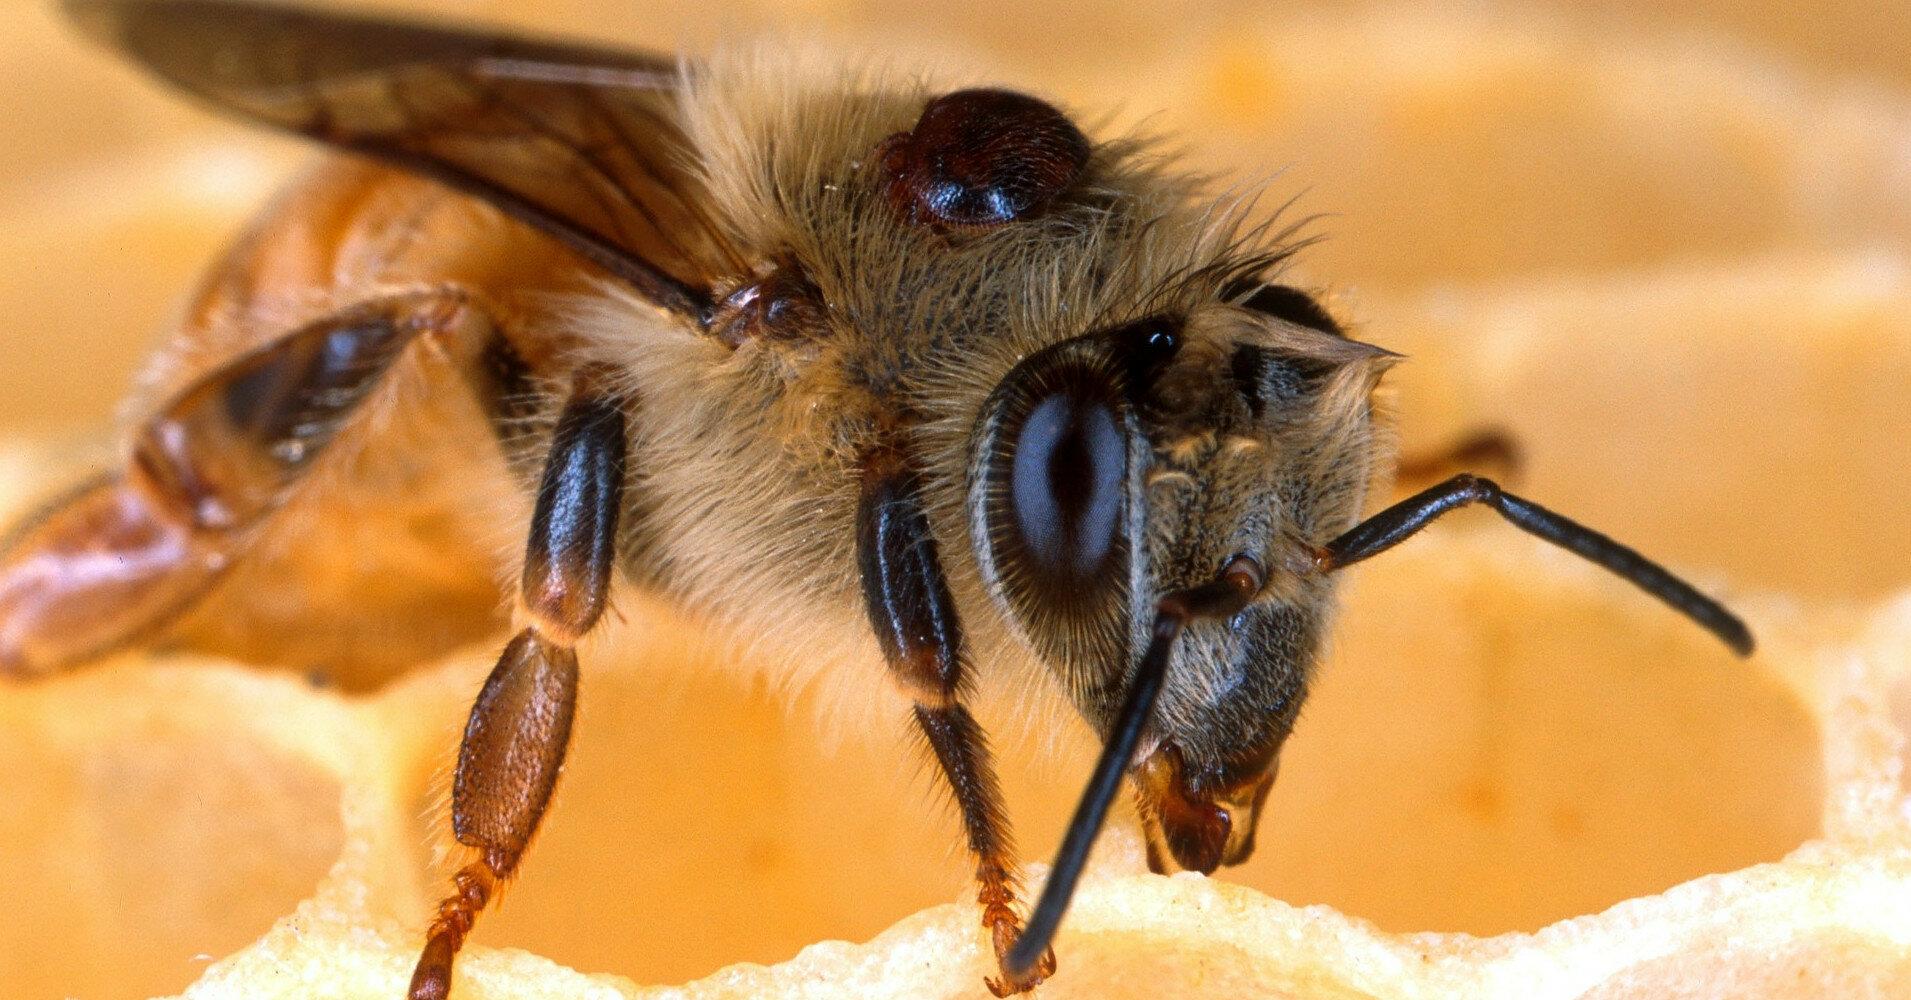 Комаровский объяснил, как спасаться от клещей, комаров и пчел